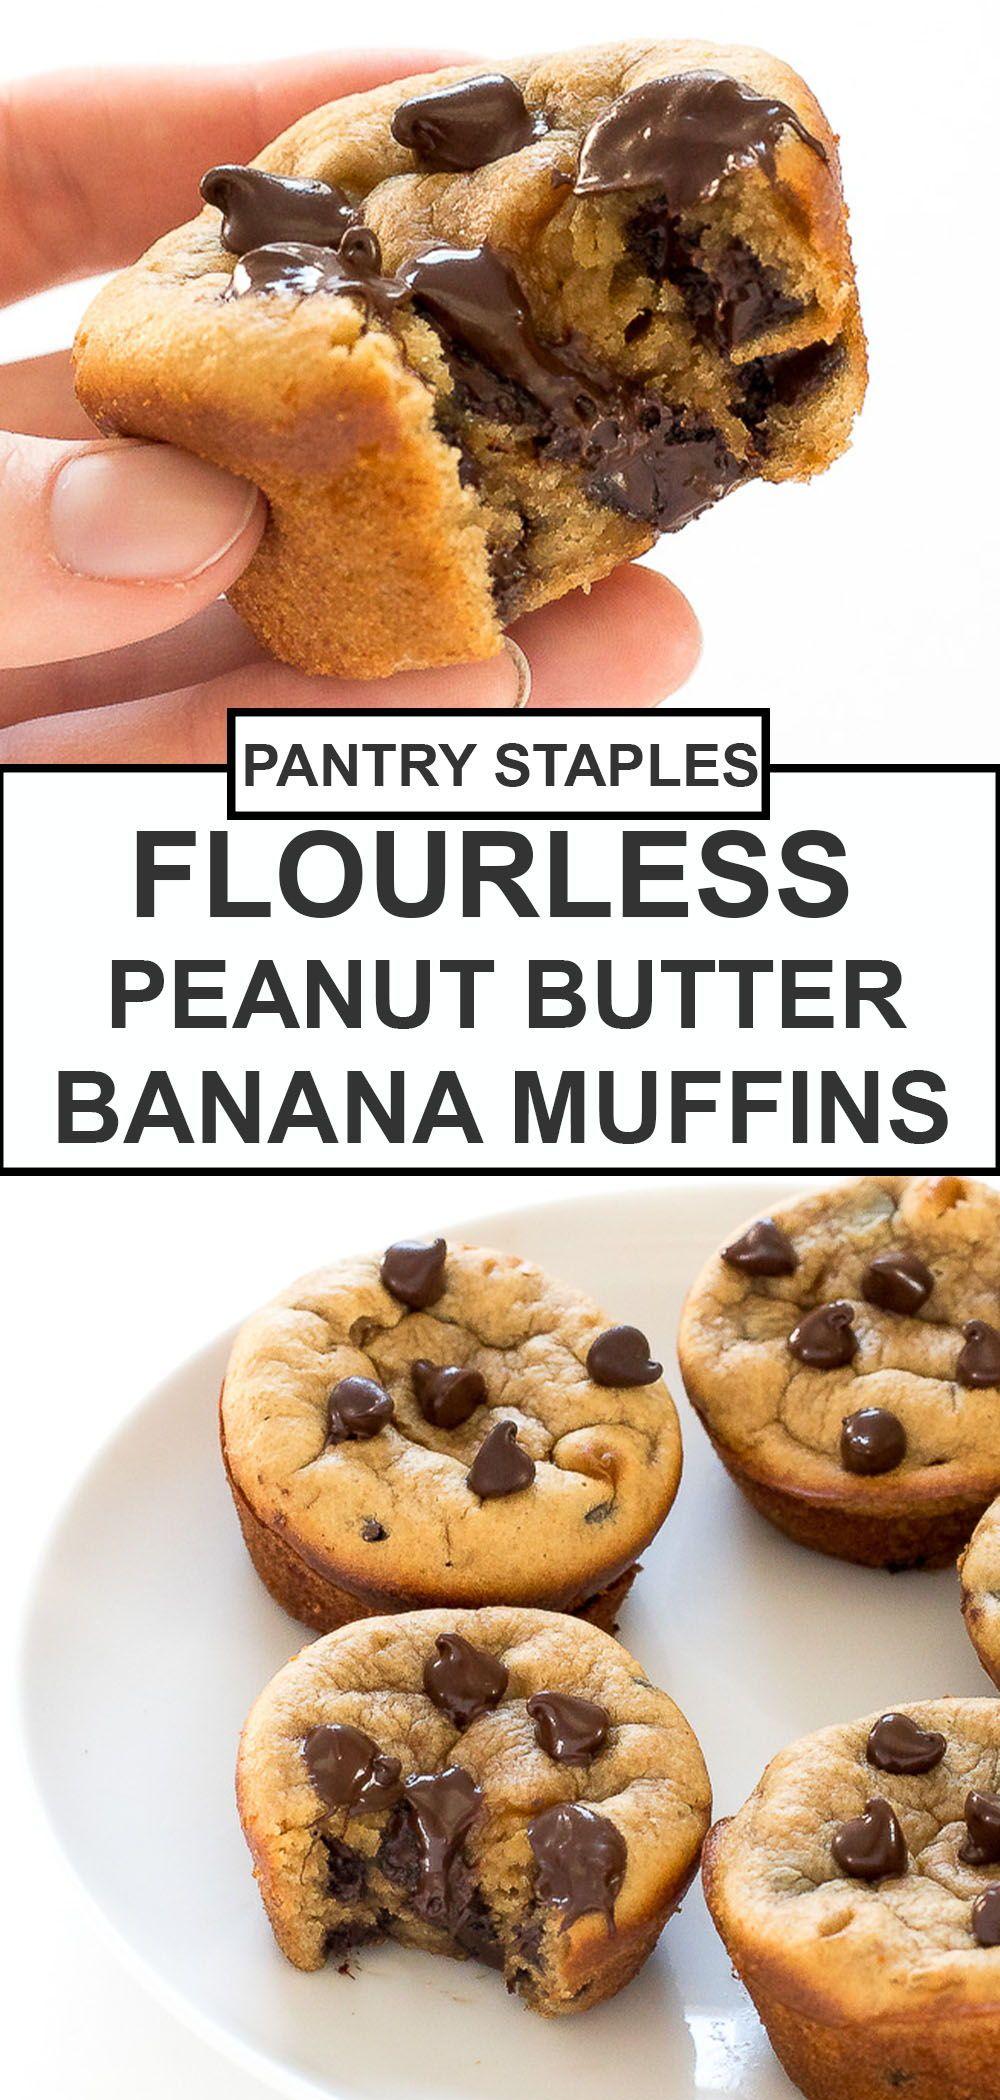 Flourless Peanut Butter Banana Muffins Recipe Healthy Baking